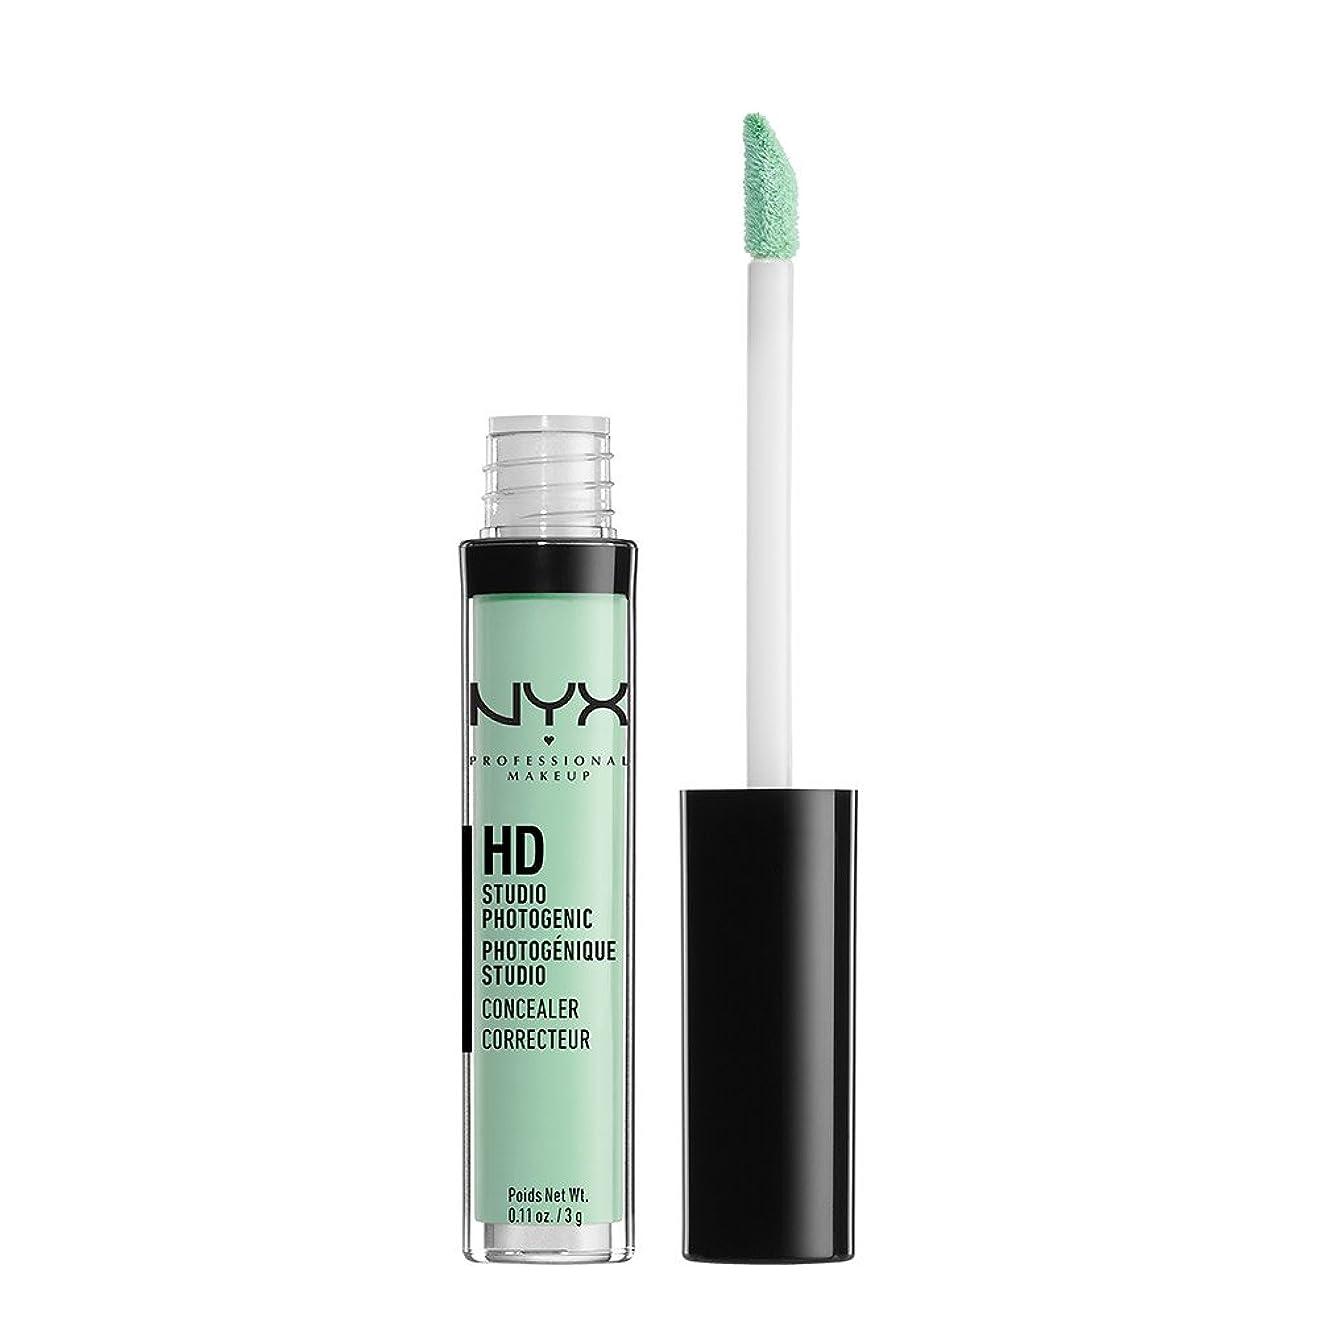 めんどり頭蓋骨本質的ではないNYX(ニックス) コンシーラー ワンド 12 カラーグリーン